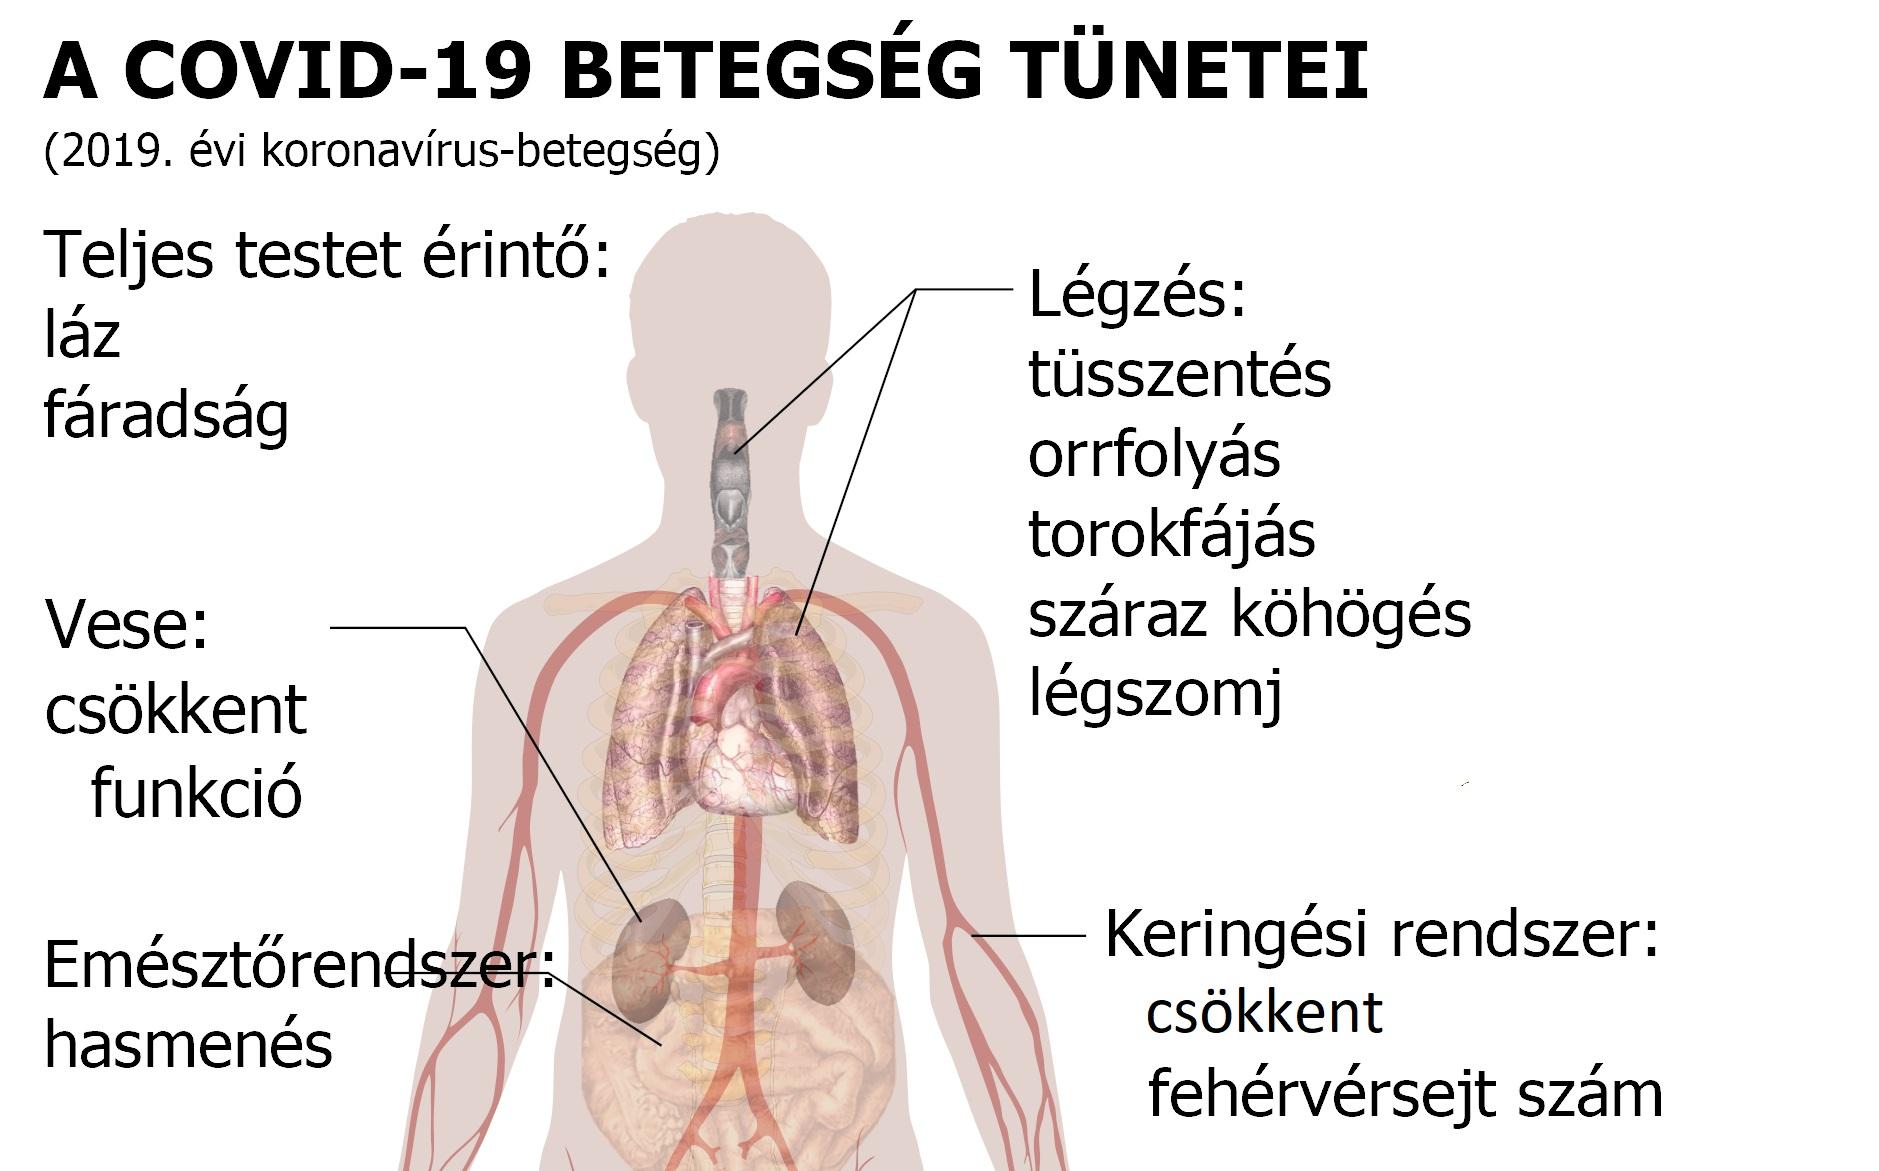 Légzésterápia | TermészetGyógyász Magazin